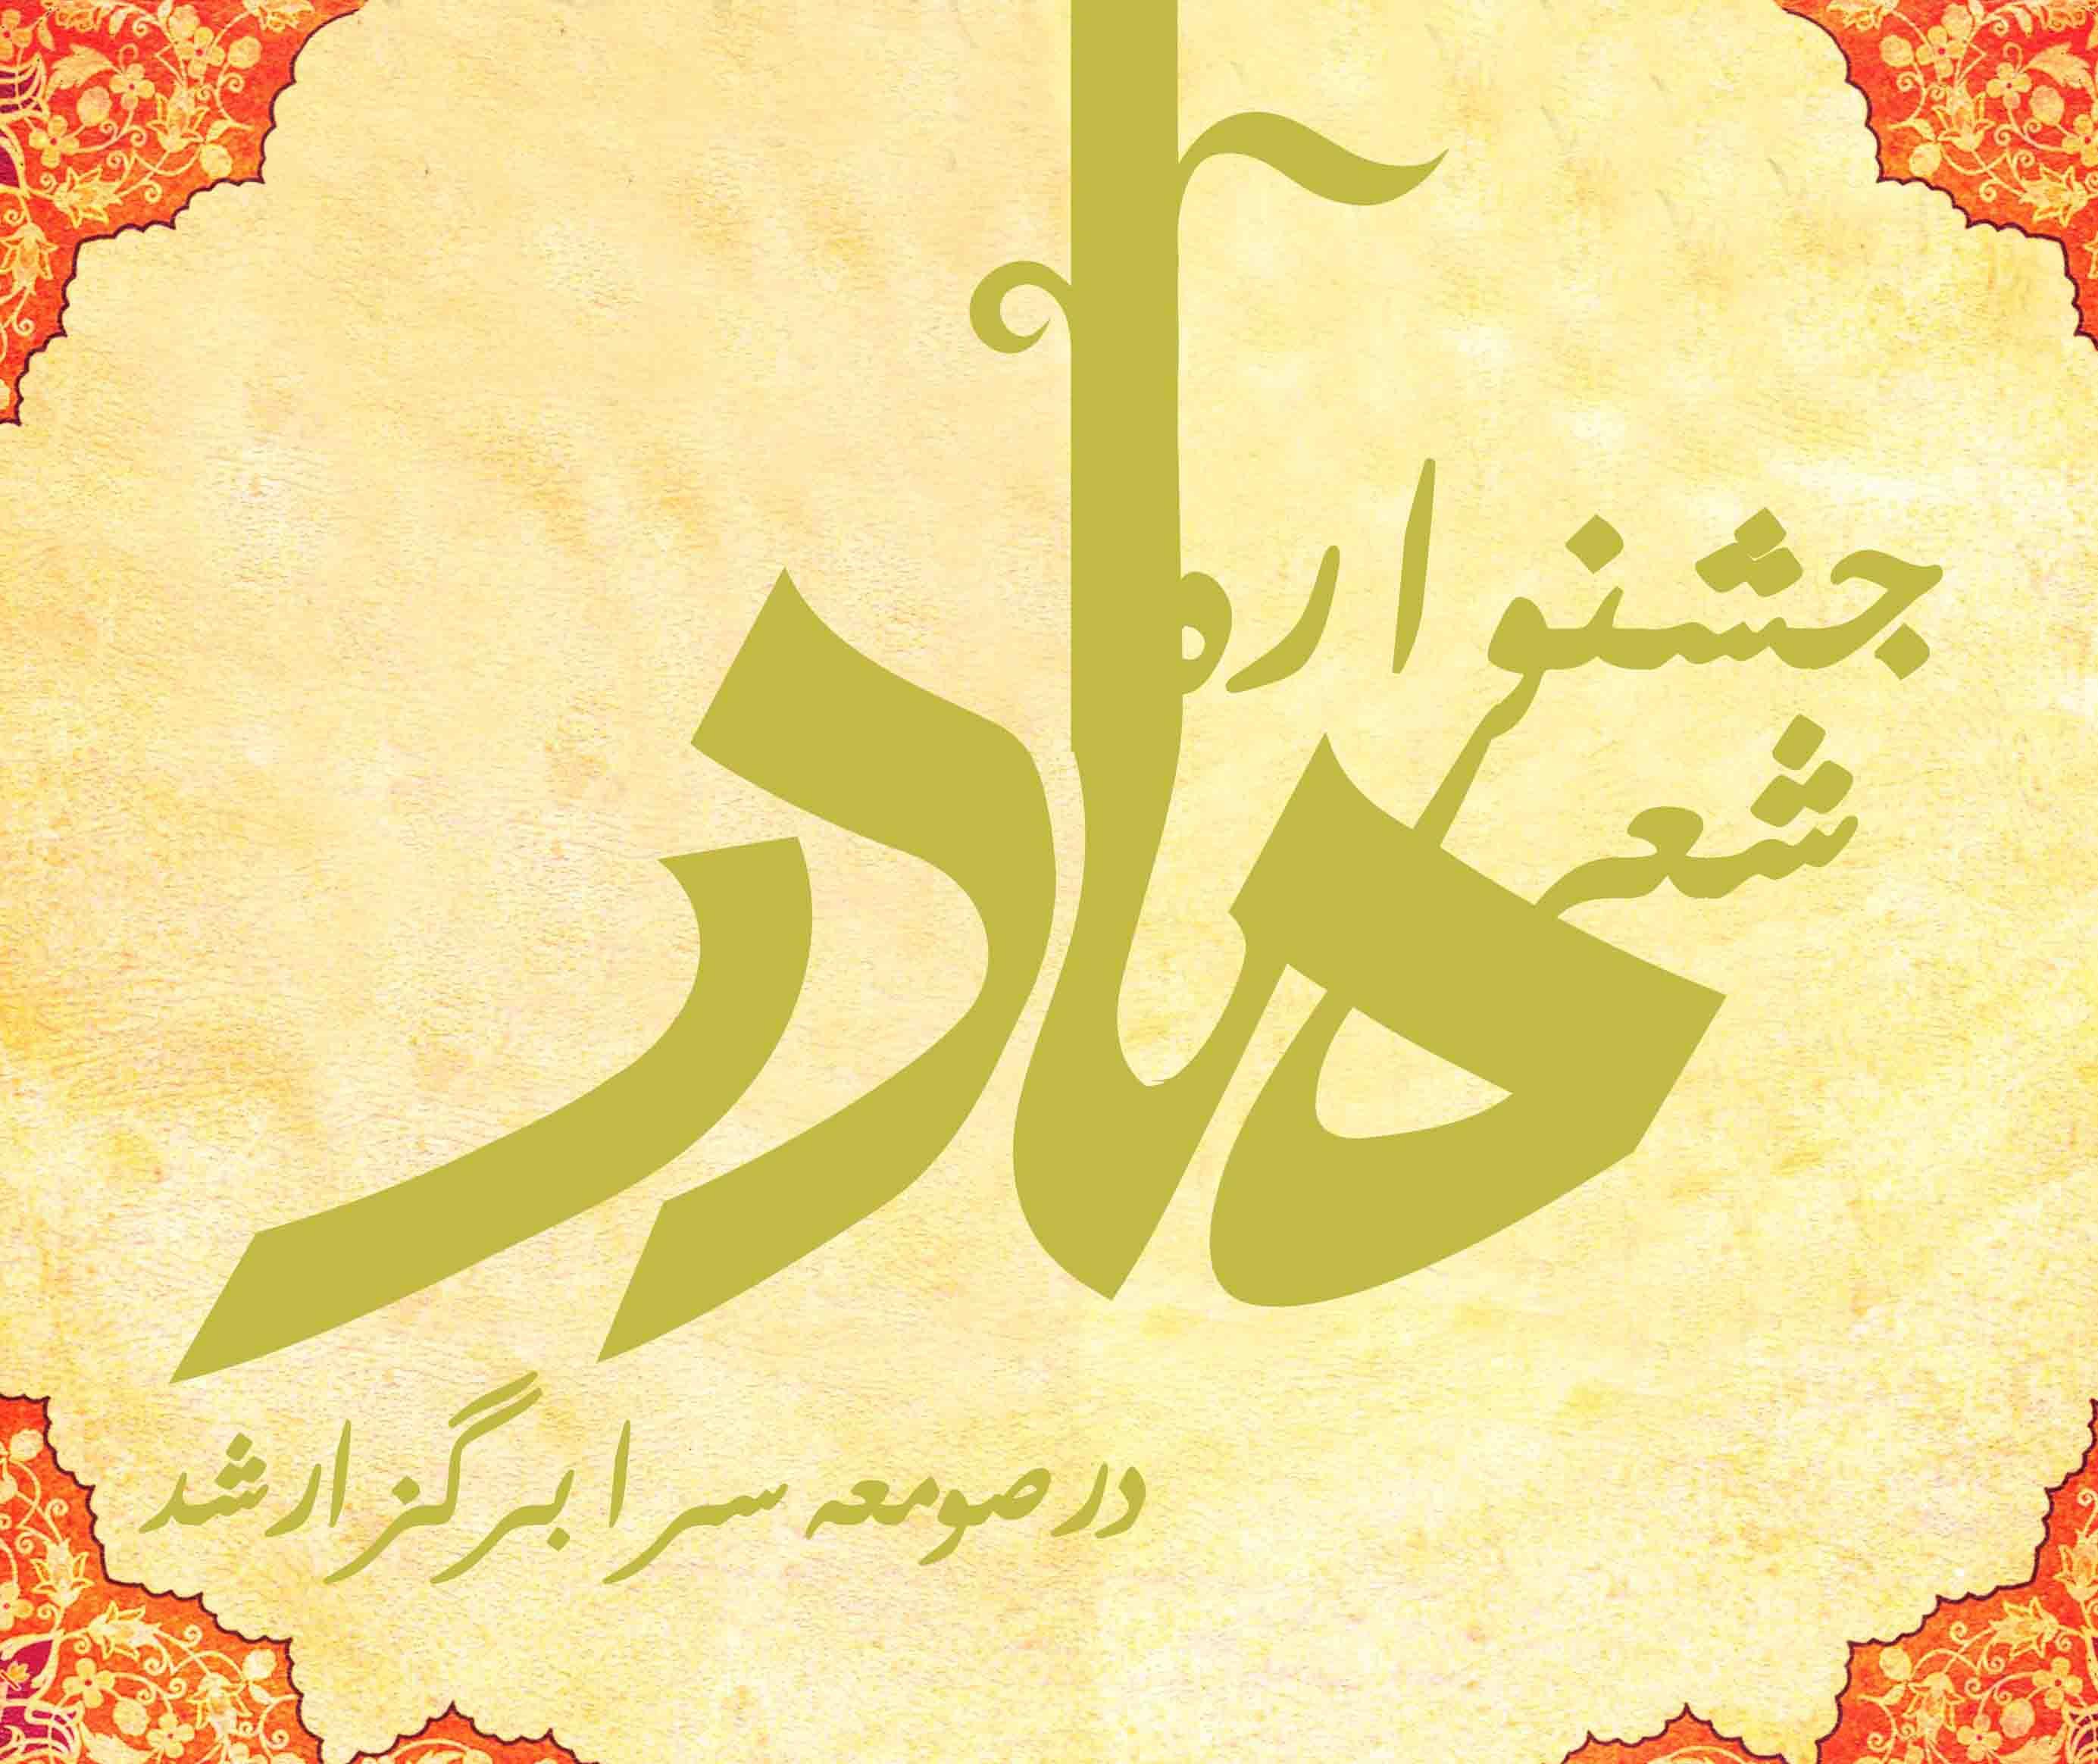 اختتامیه نخسین جشنواره استانی شعر مادر در صومعه سرا برگزار شد+عکس